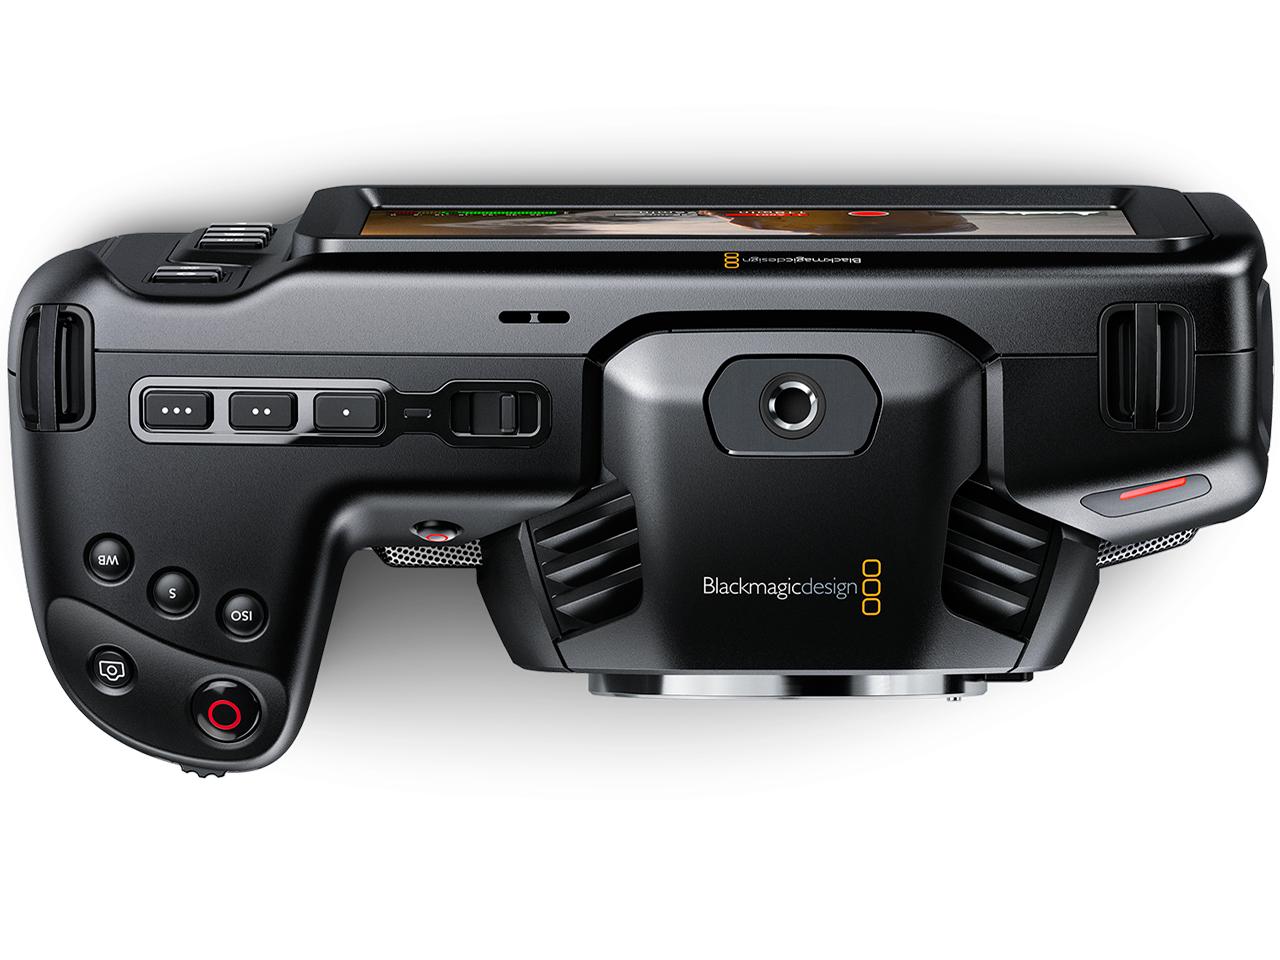 『本体 上面』 Blackmagic Pocket Cinema Camera 4K の製品画像